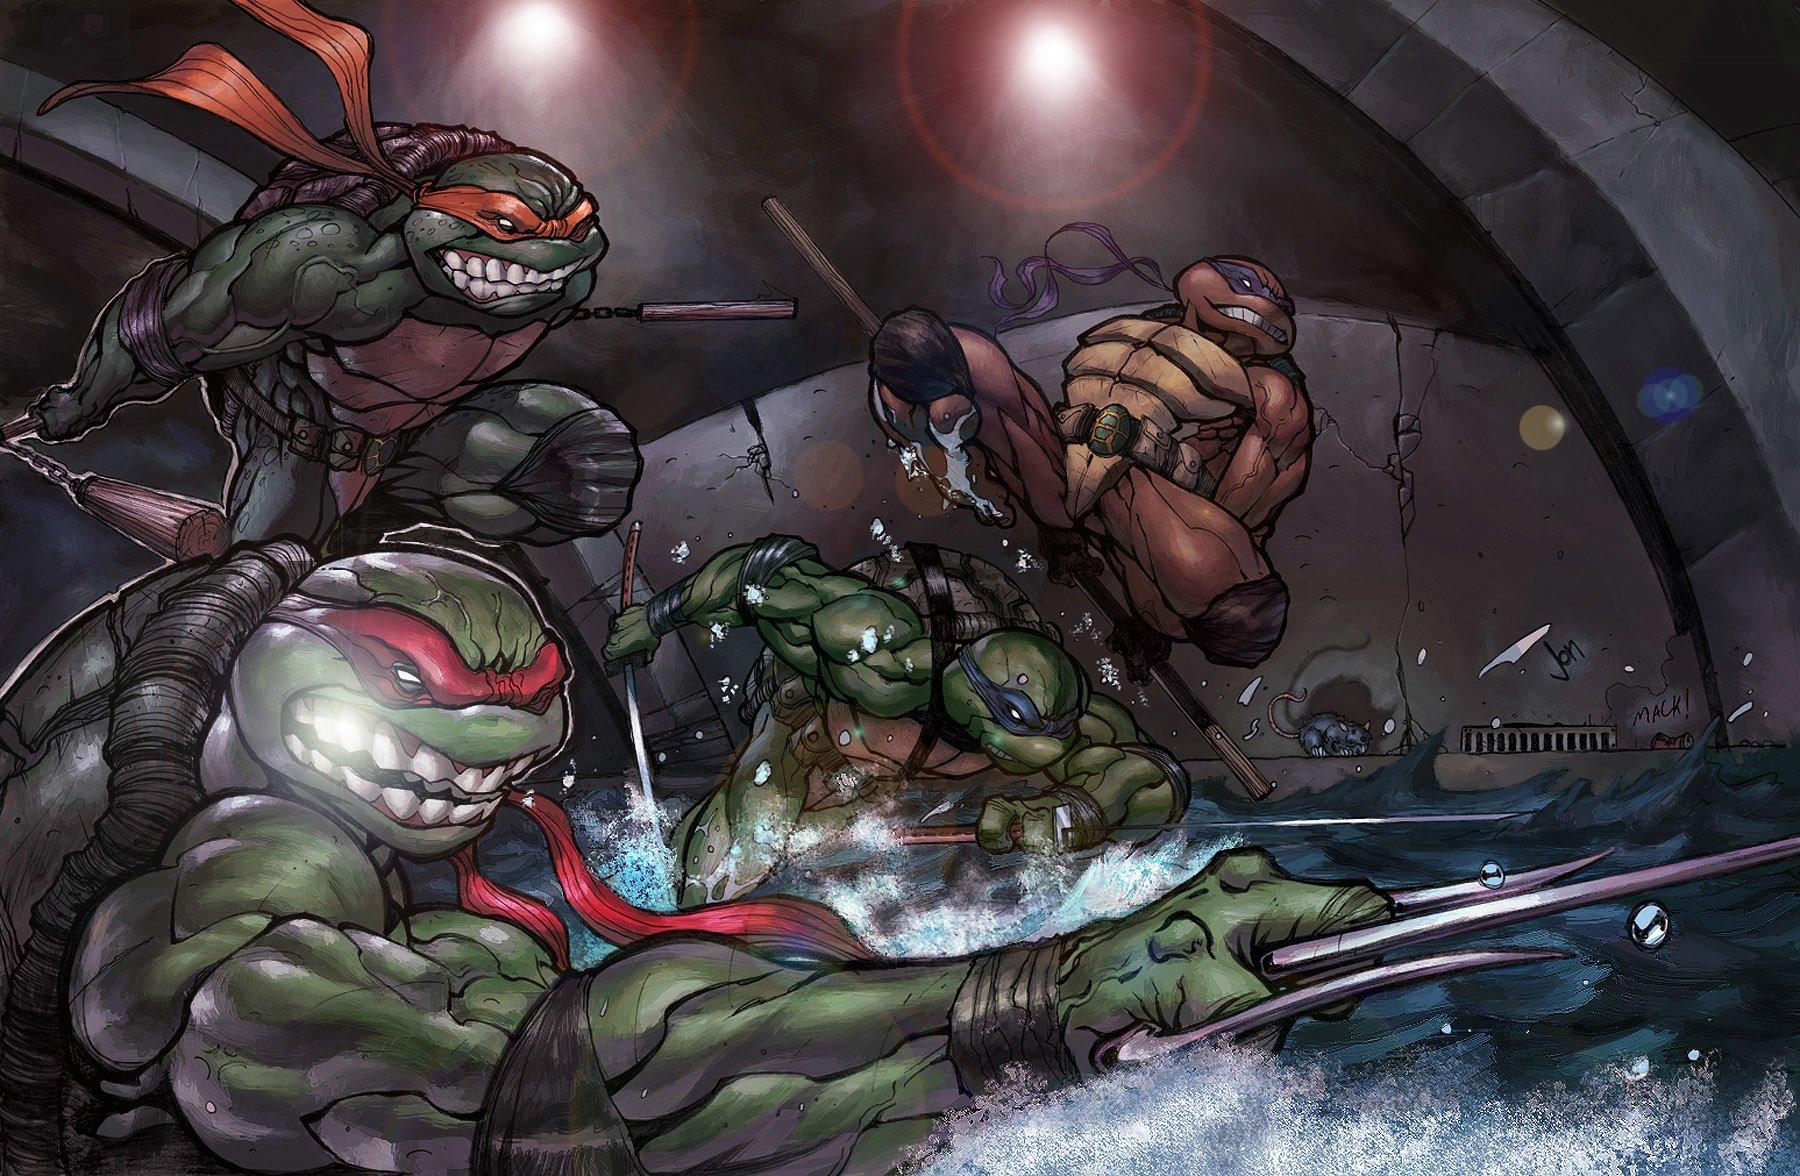 Teenage mutant ninja turtles wallpaper and background image 1800x1176 id 202035 wallpaper - Ninja turtles wallpaper ...